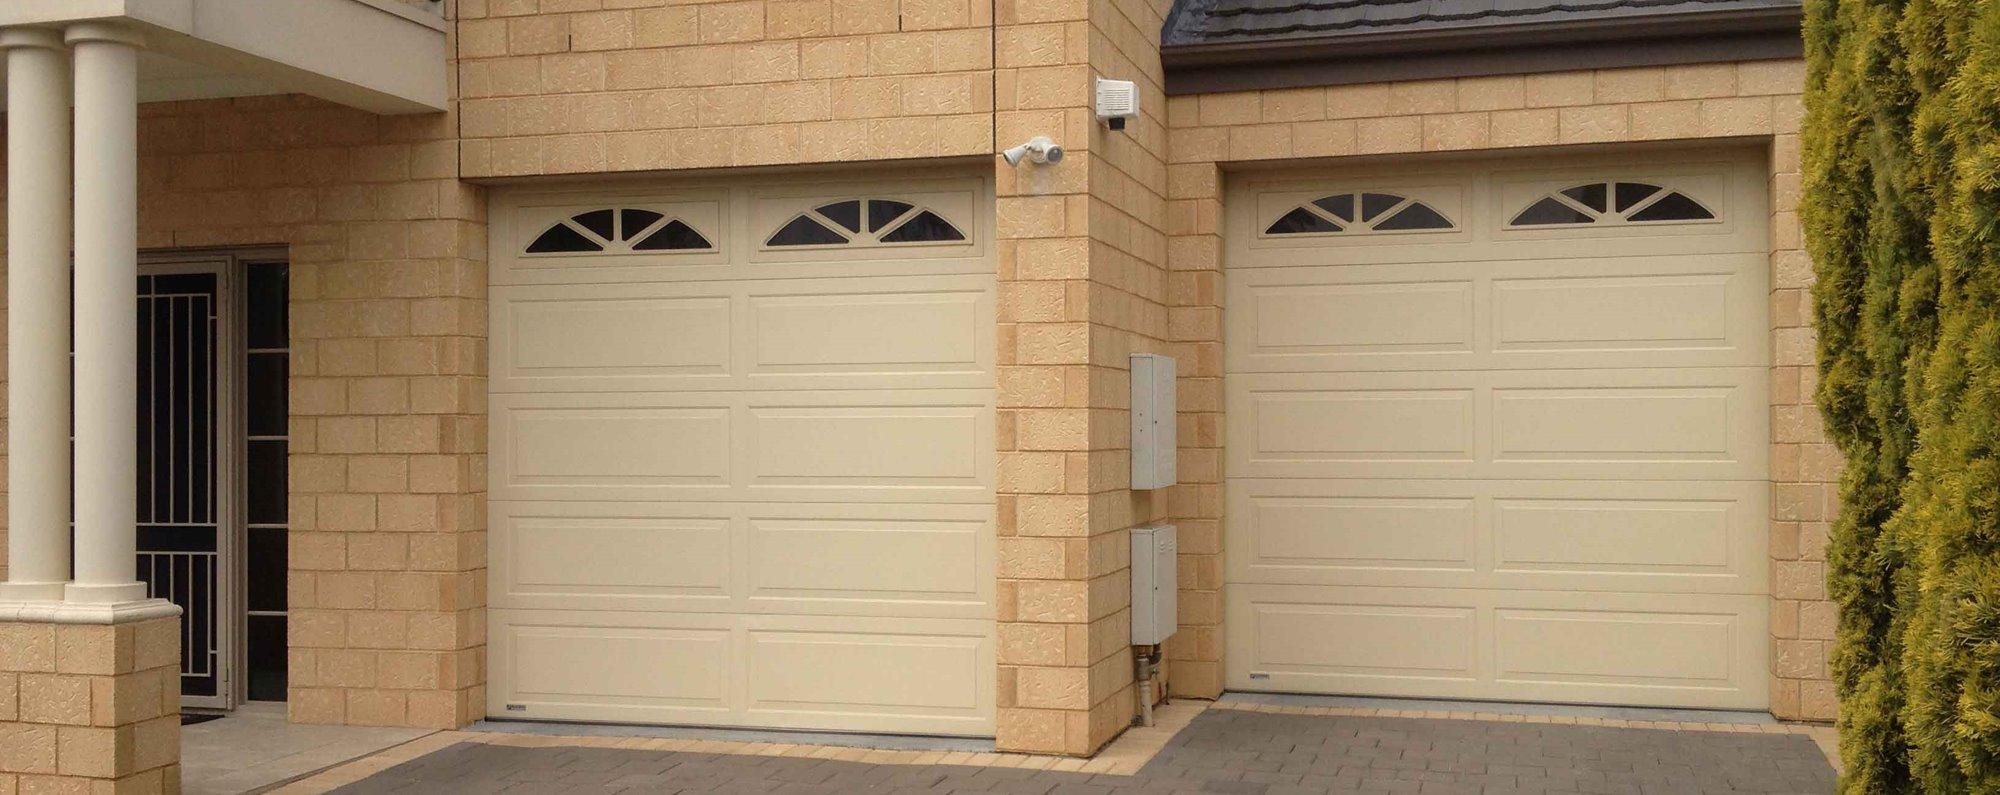 Homepage Into Garage Doors